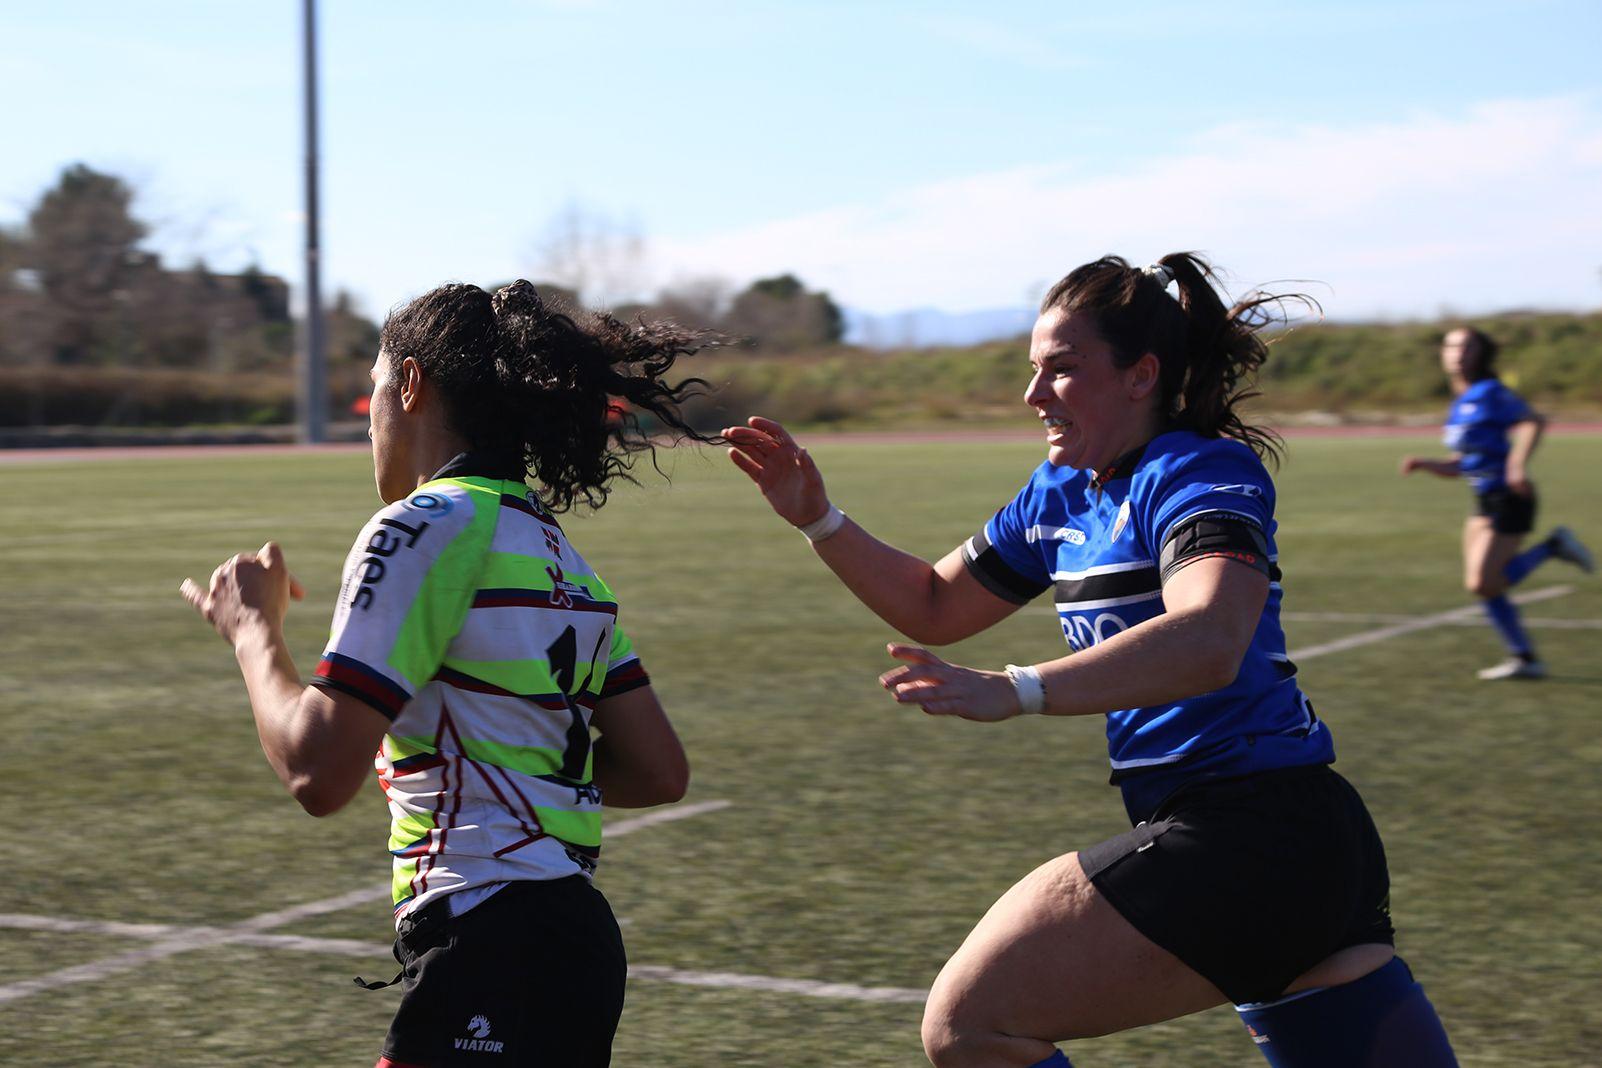 Partit de lliga CR Sant Cugat- AVIA Eibar Rugby Taldea. FOTO: Anna Bassa